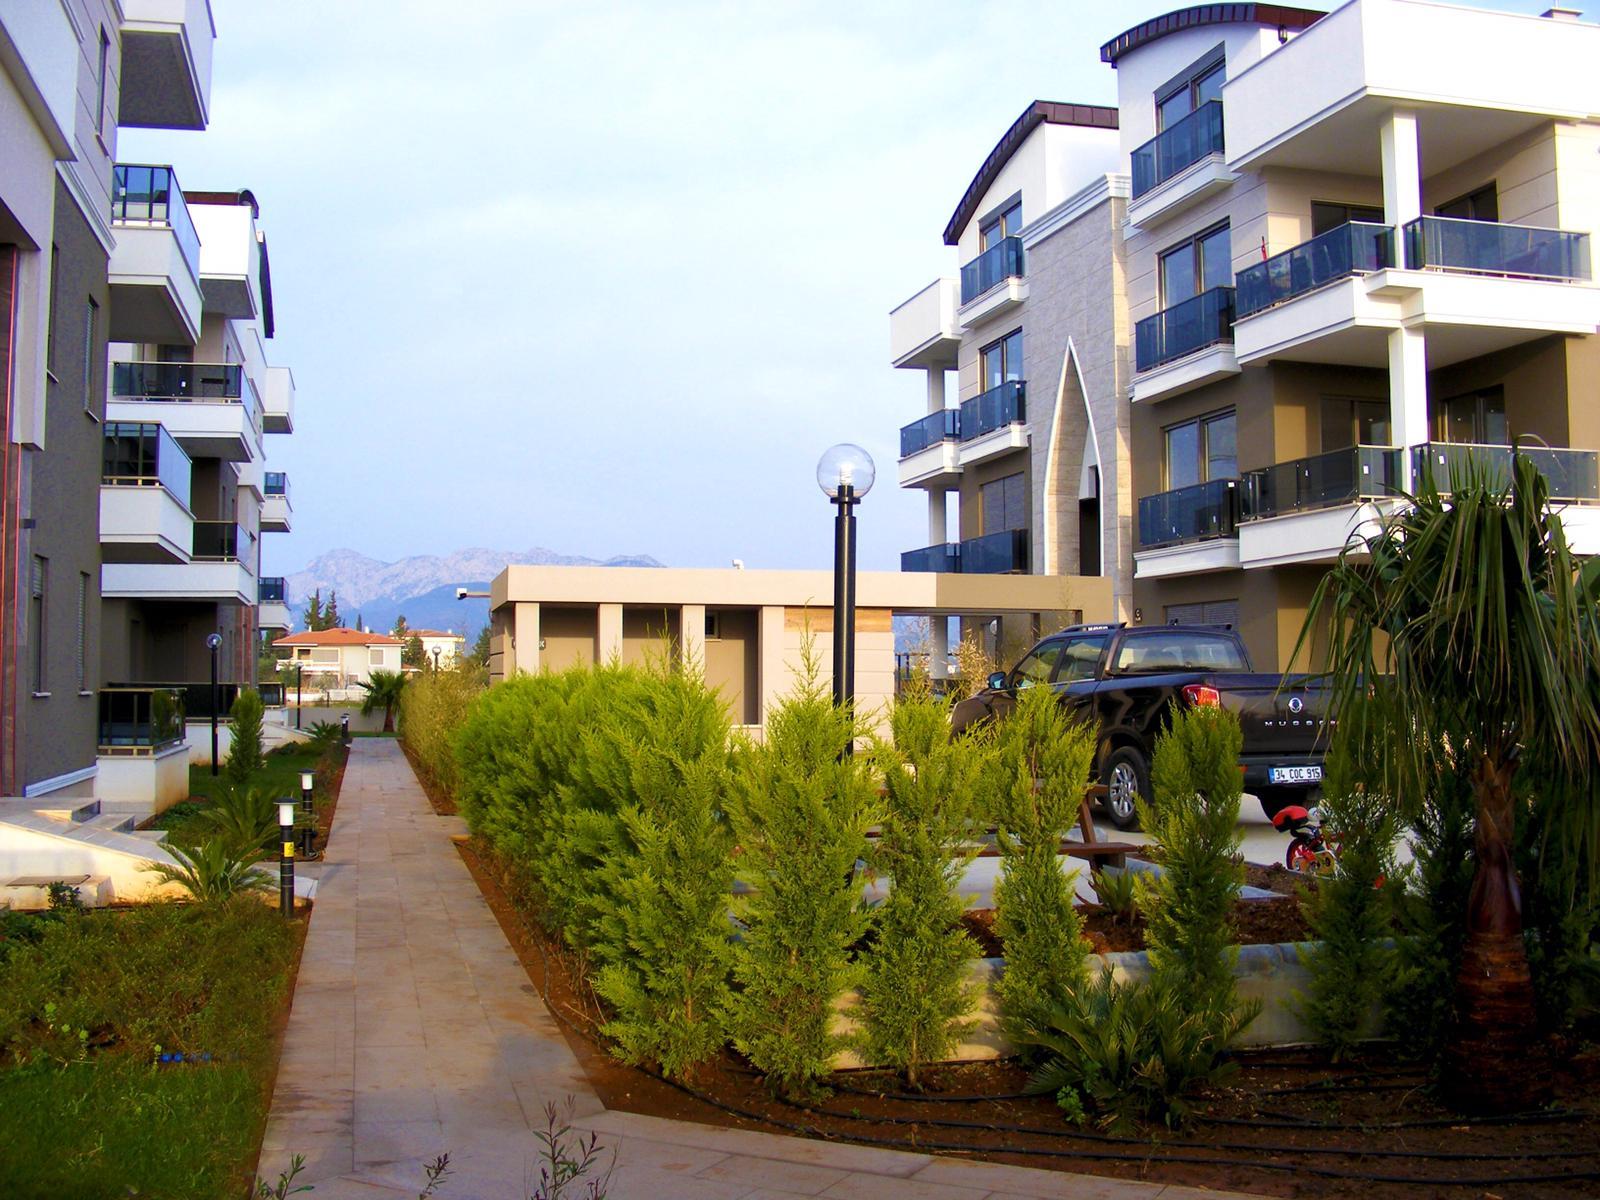 Продаются квартиры в жилом комплексе 3+1 - Фото 10